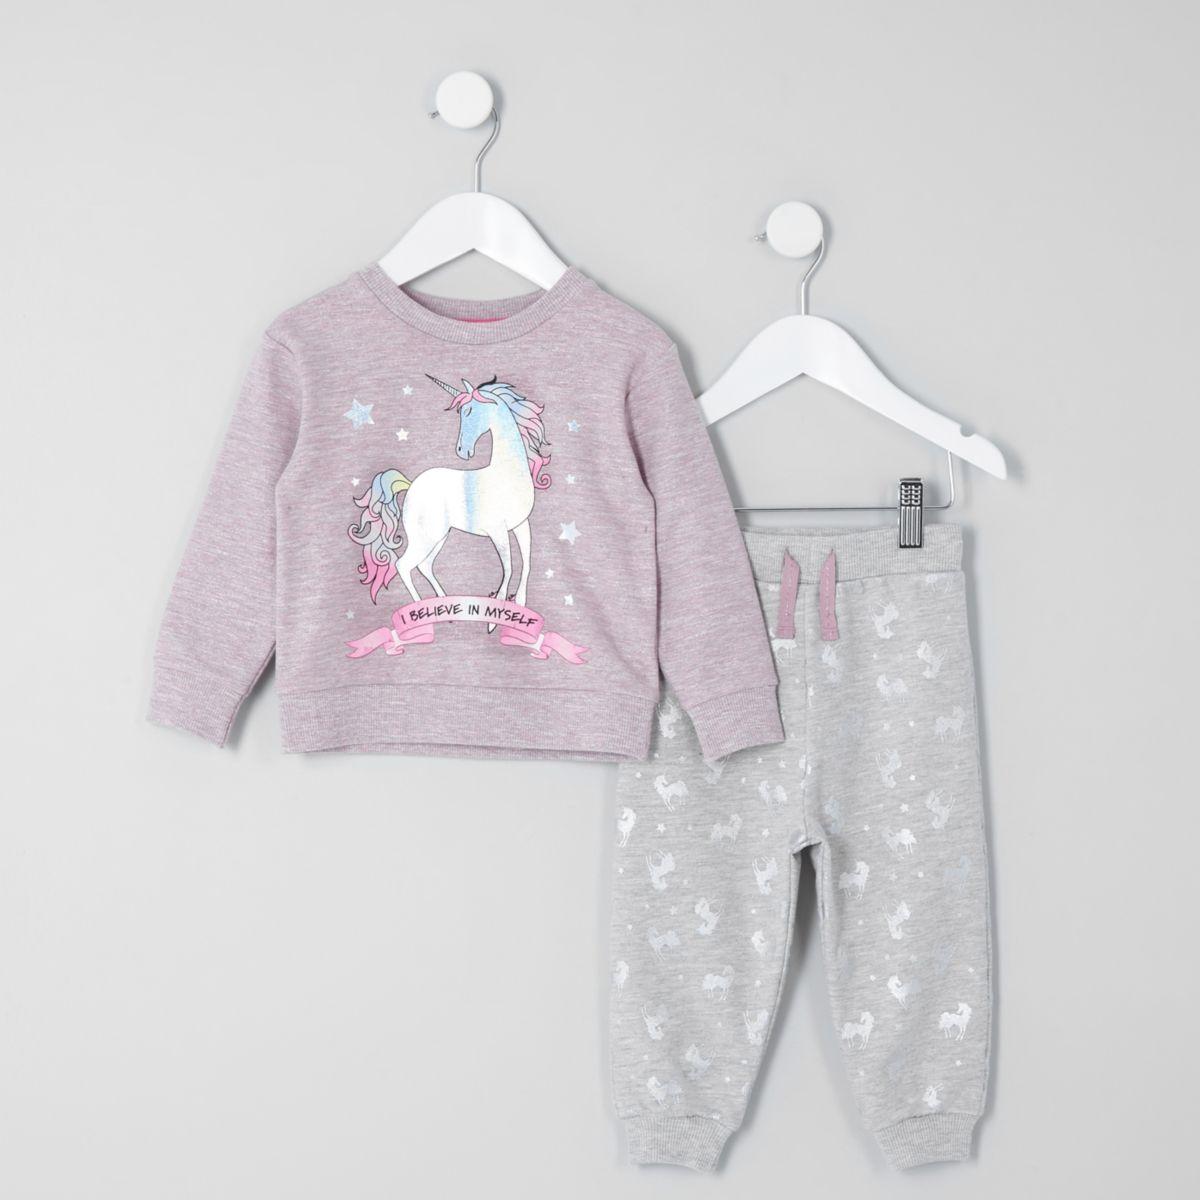 Mini girls purple 'I believe myself' pyjama s